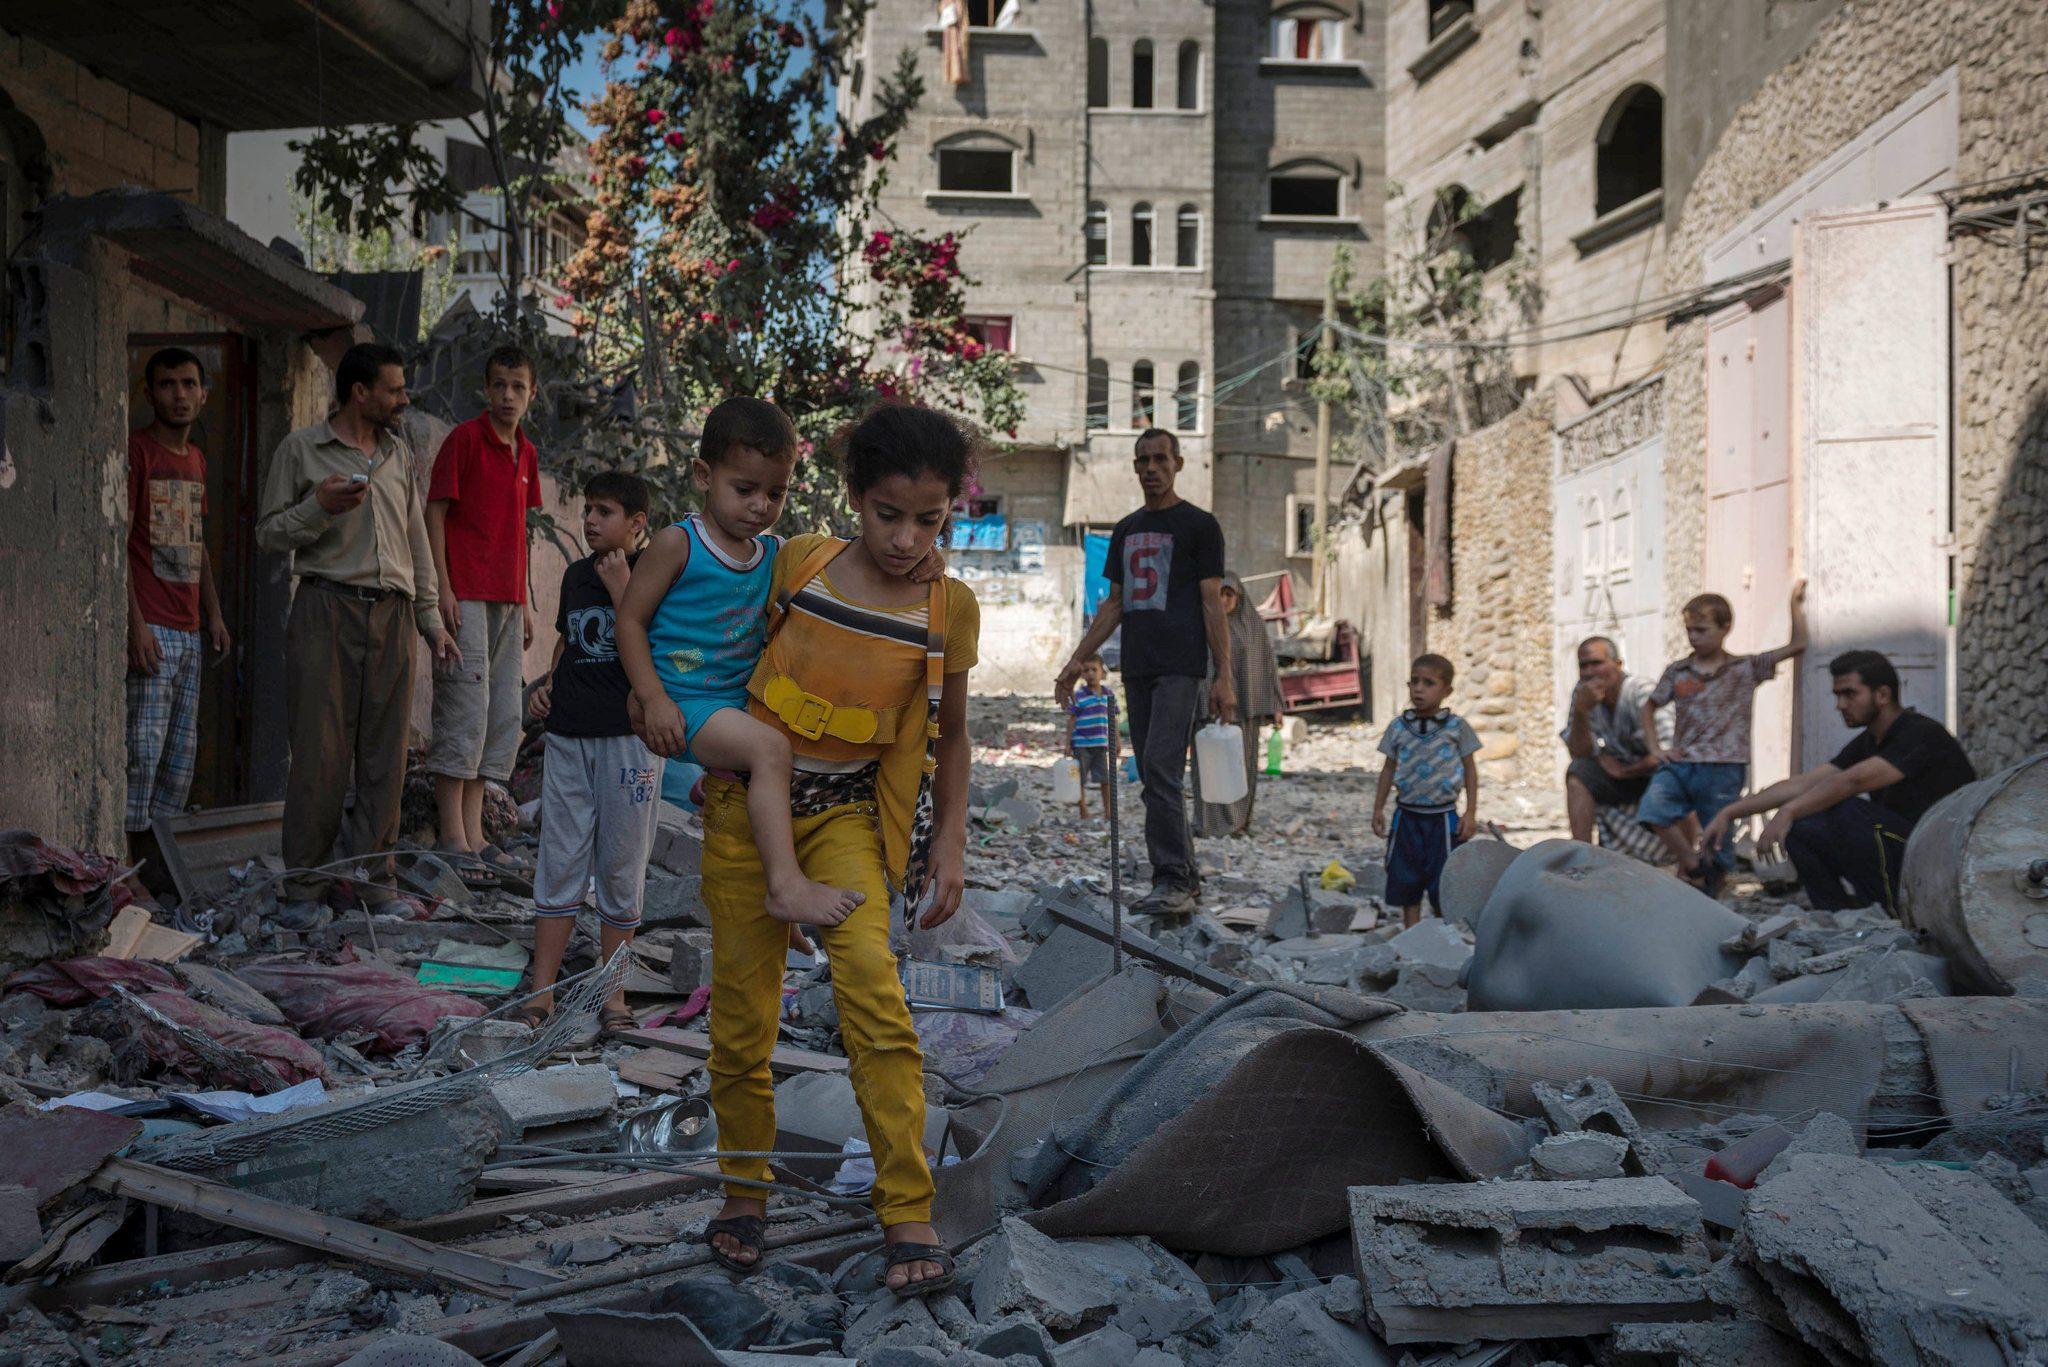 هنگام بمباران خانههایتان منزل نمانید تا آسیب نبینید!!